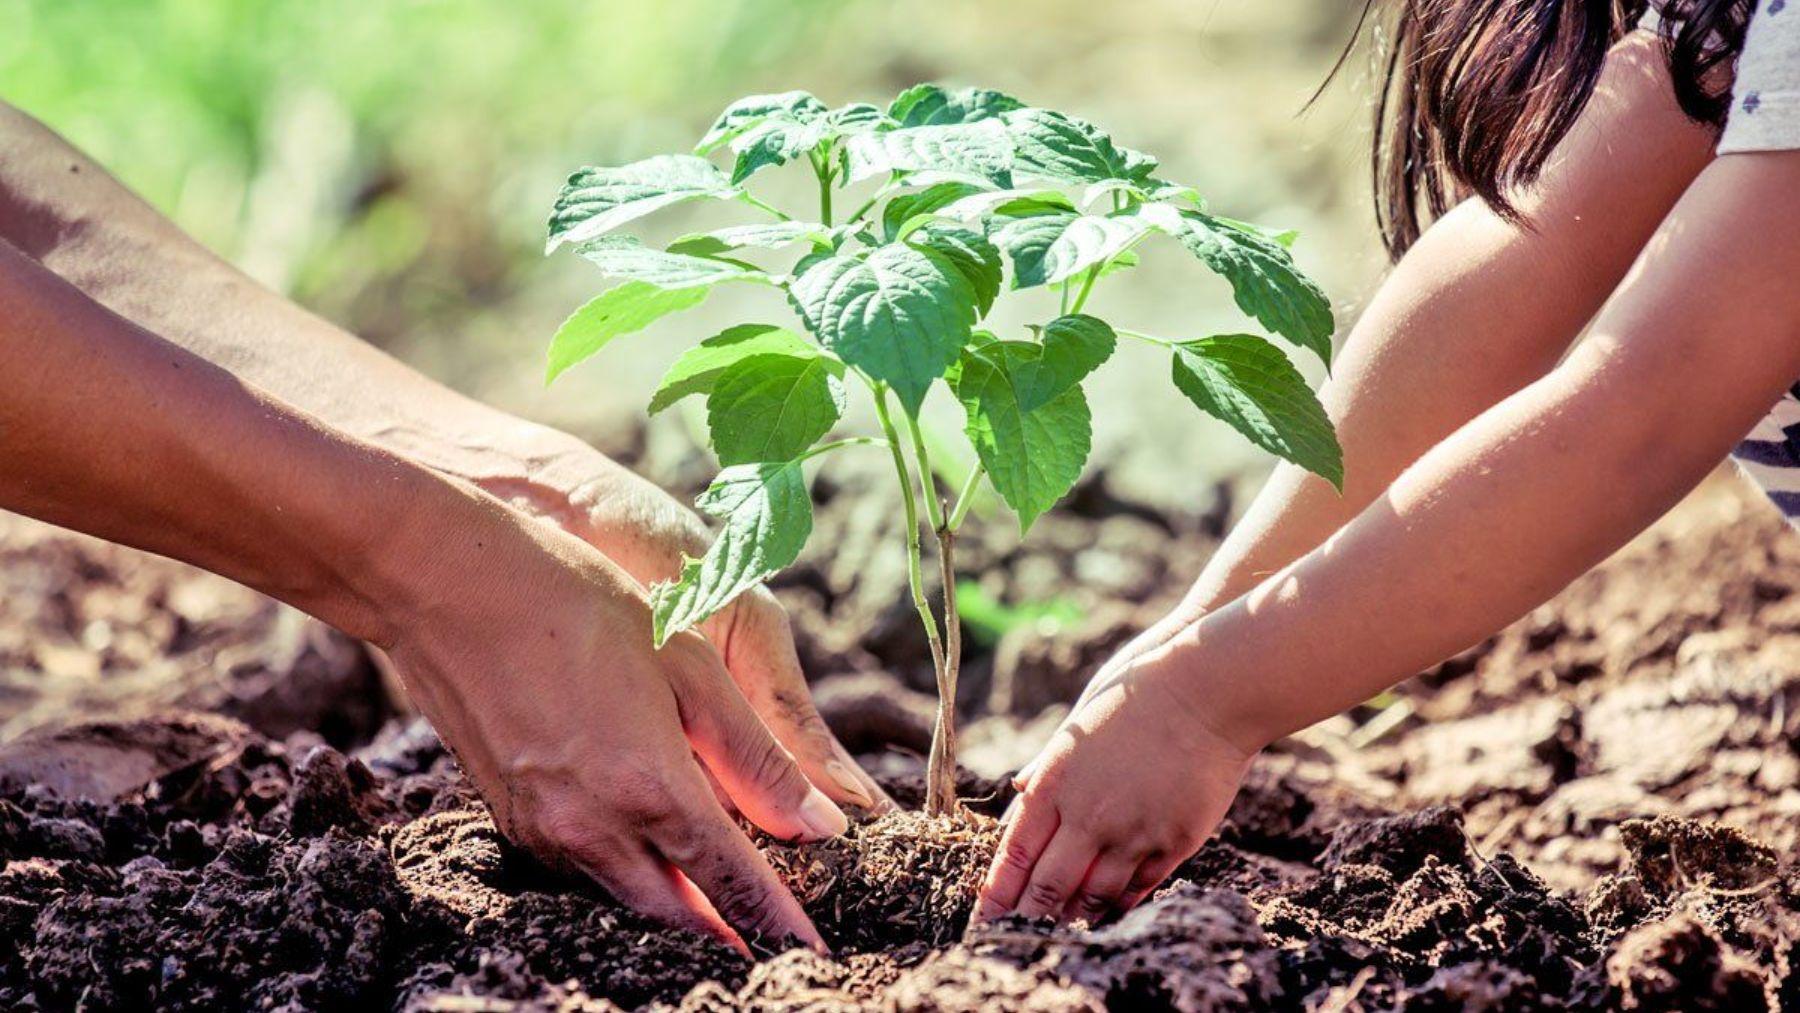 Descubre qué sucedería si se plantaran árboles durante dos décadas por parte de todos y cada uno de nosotros